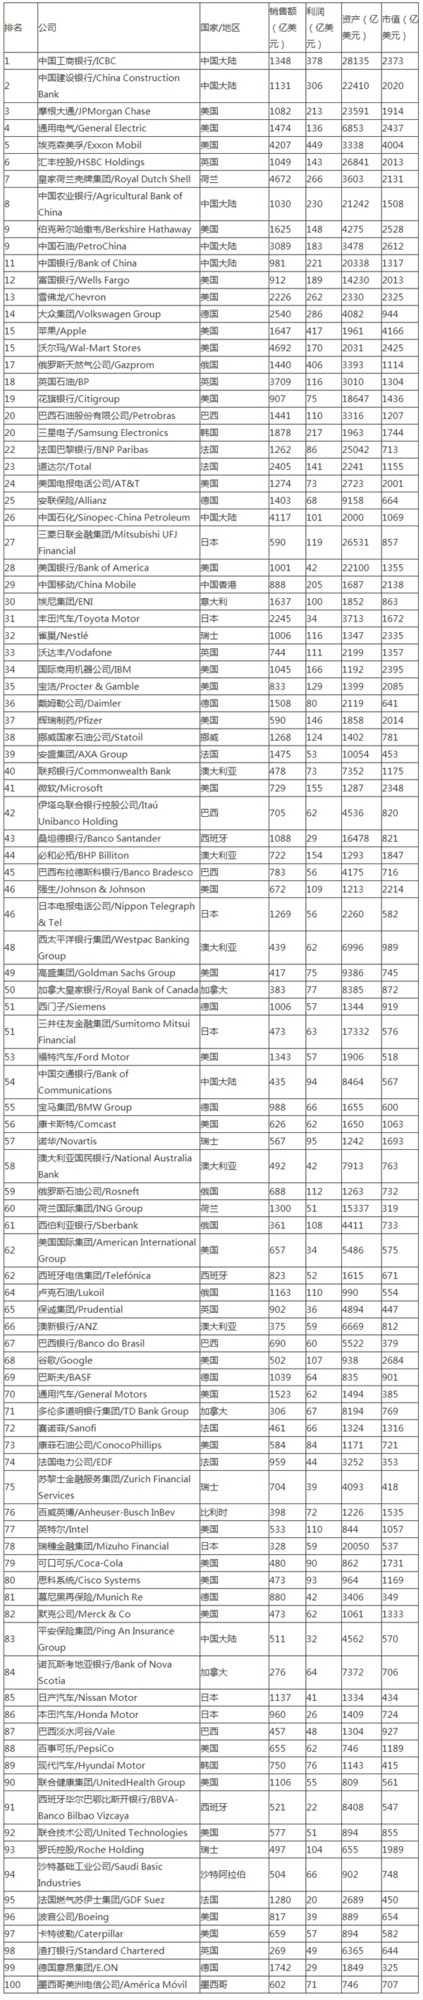 福布斯全球企业2000强:苹果排名第15